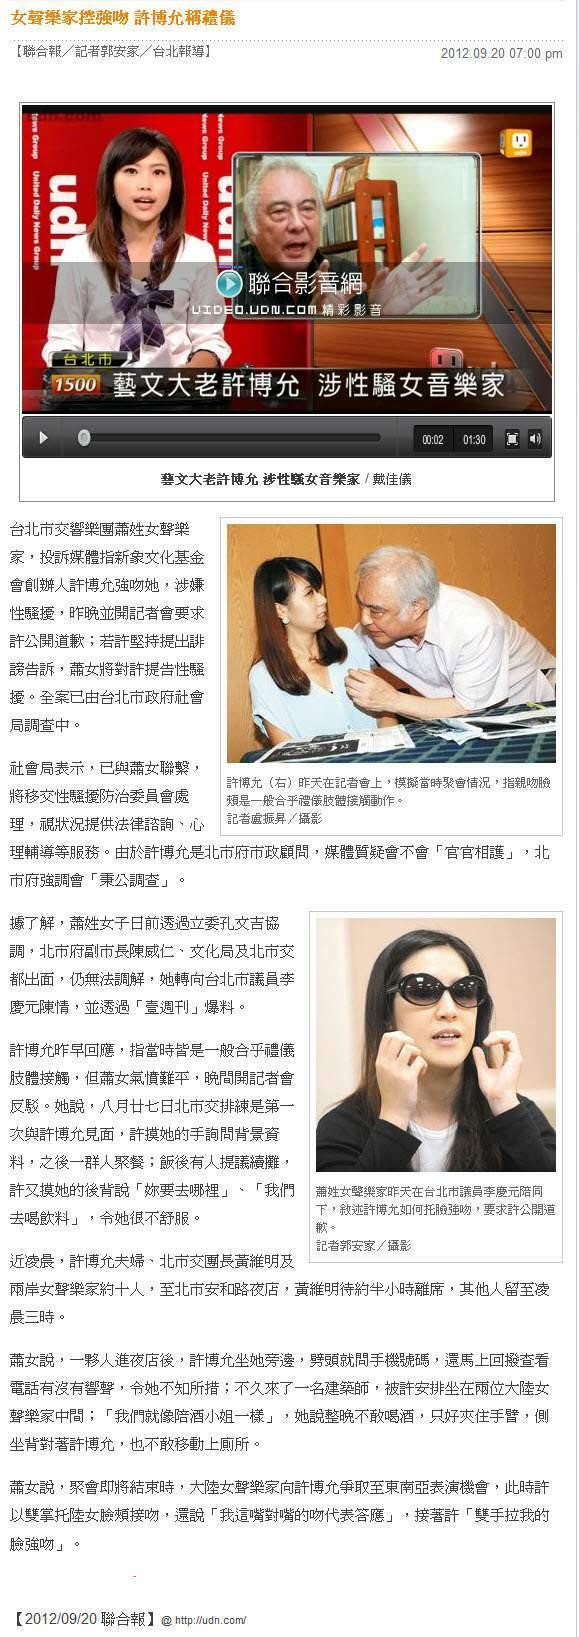 女聲樂家控強吻 許博允稱禮儀 -2012.09.21